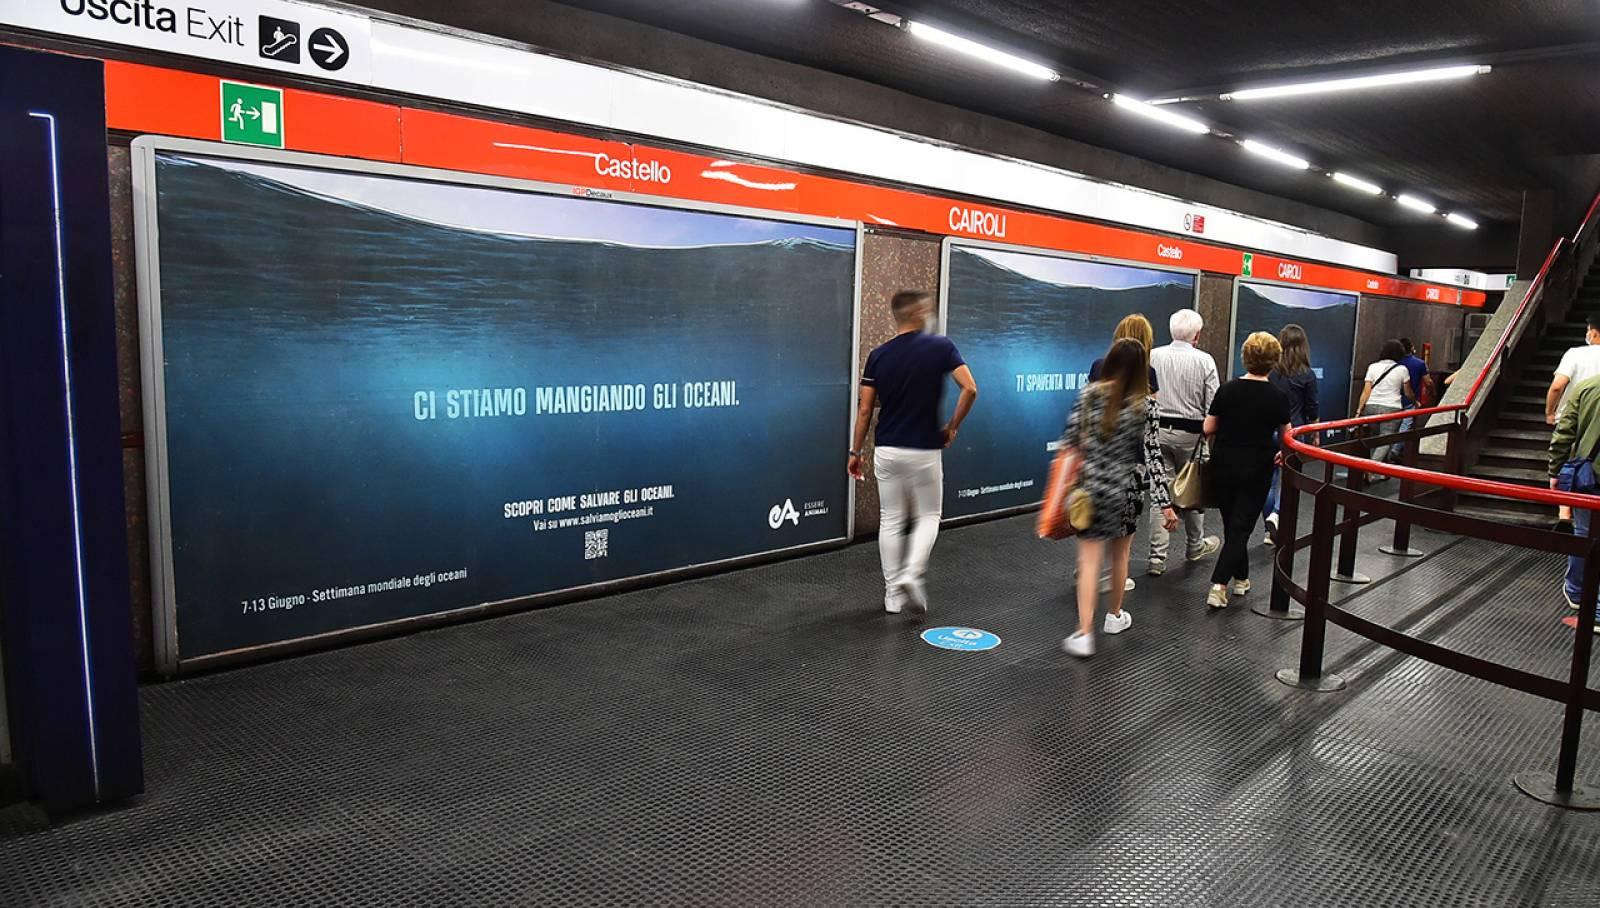 IGPDecaux Milano campagna Out Of Home in metropolitana per Associazione Essere Animali